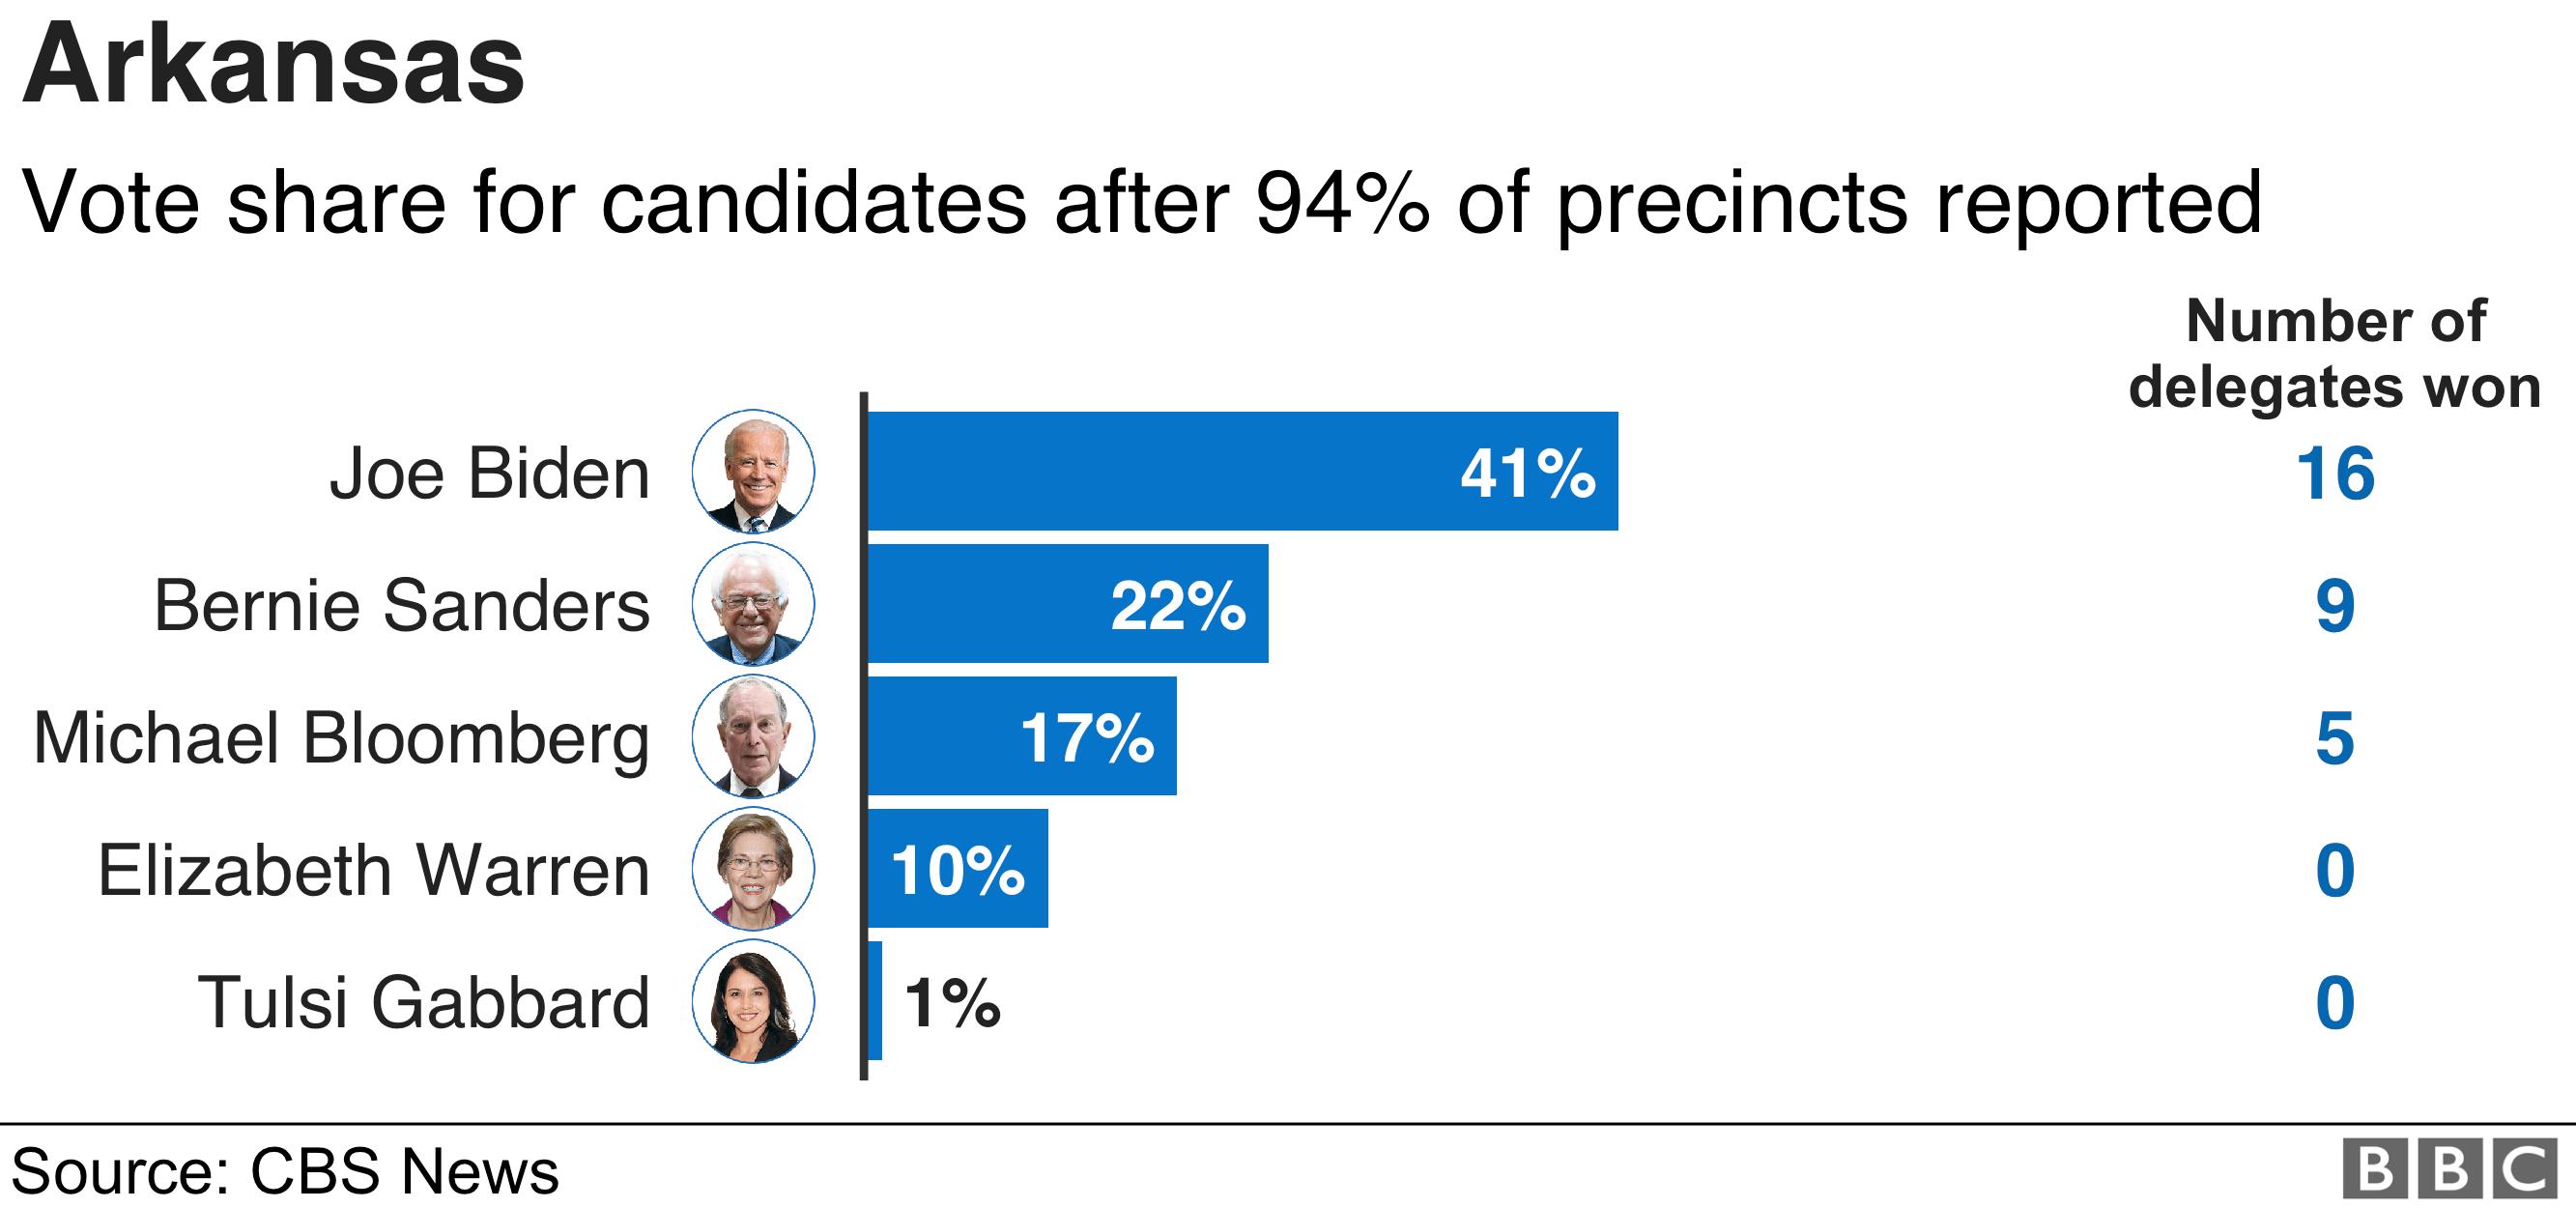 Arkansas results